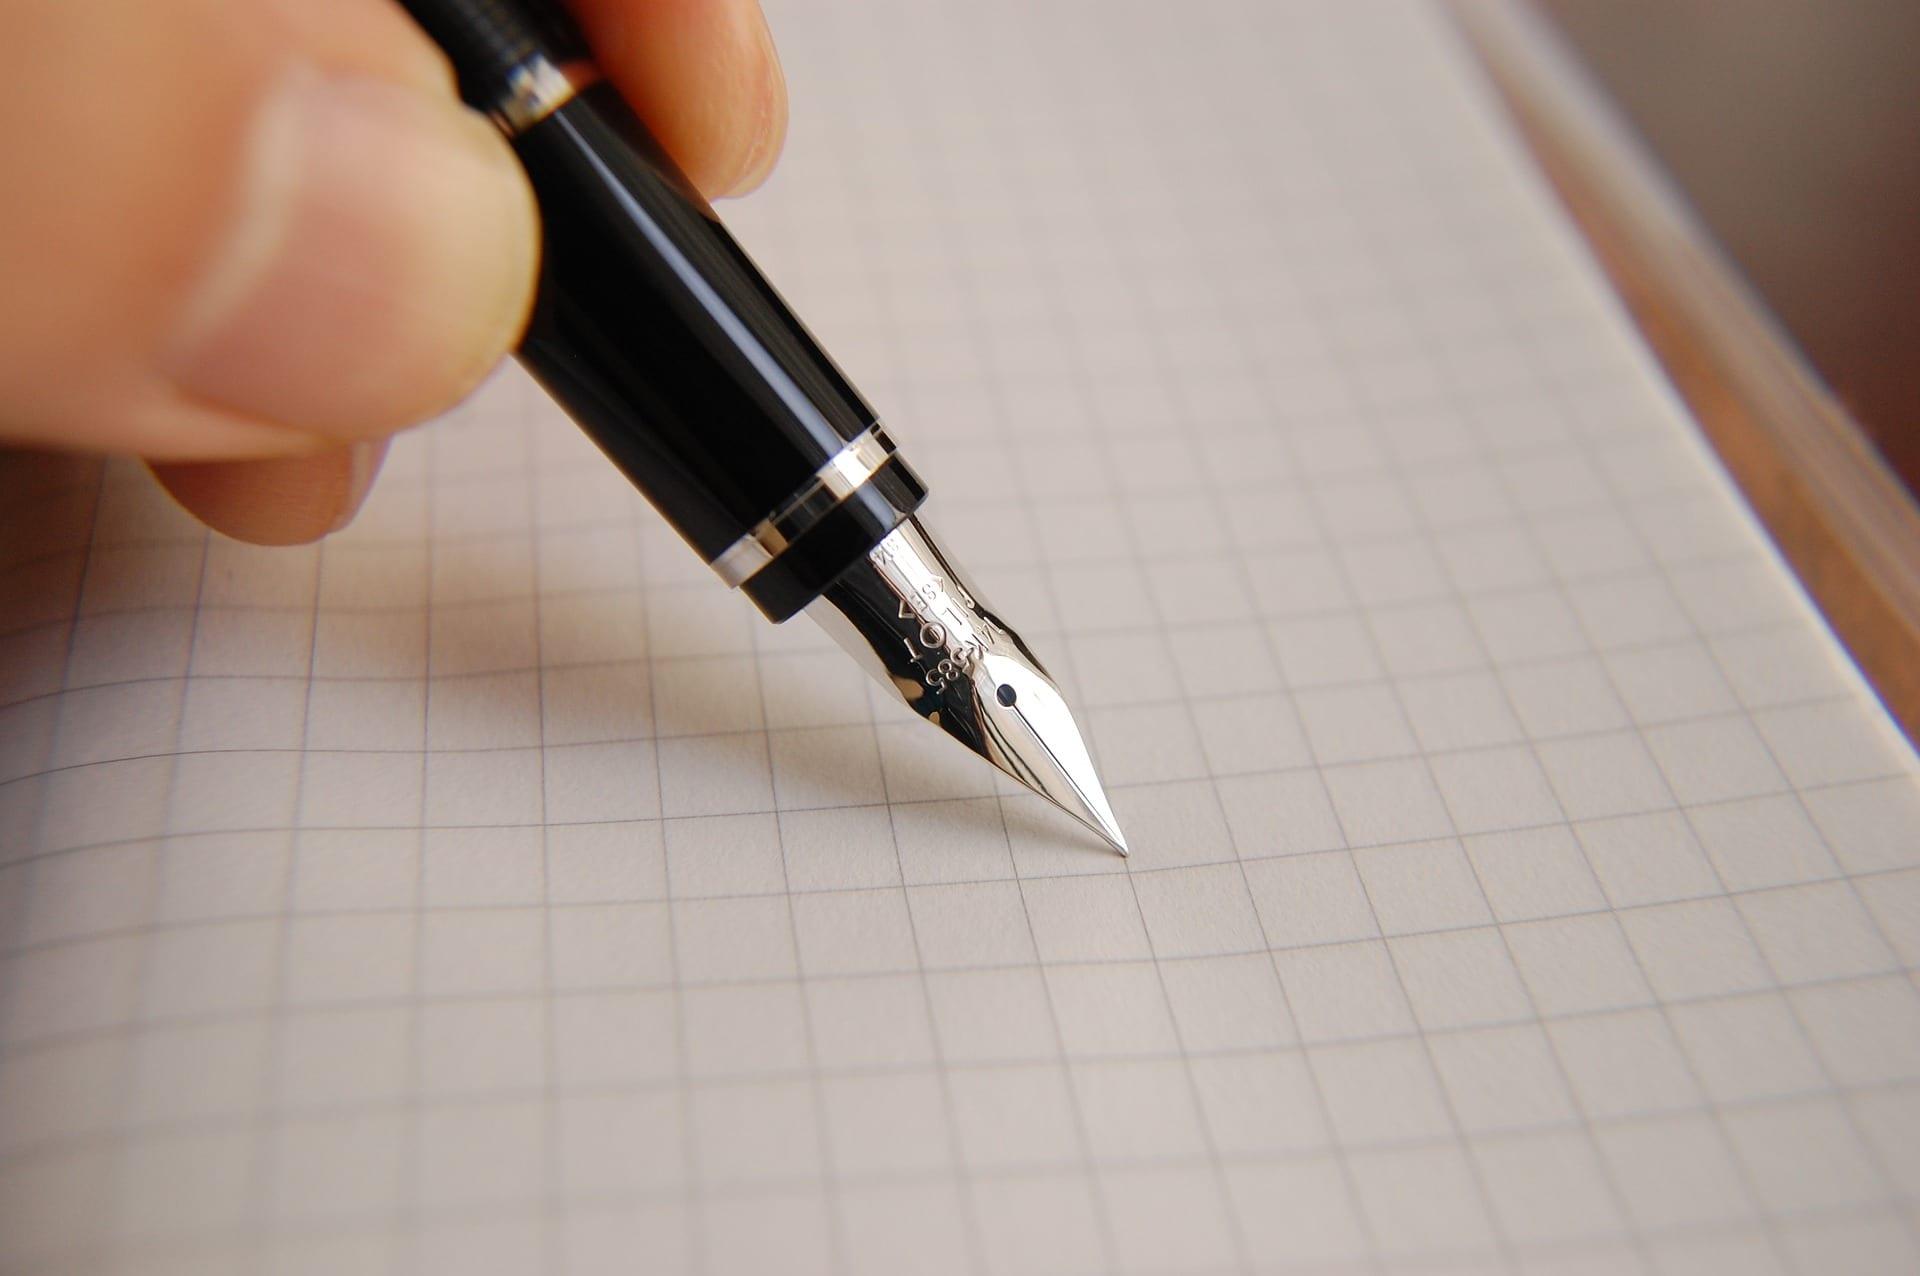 Signature de l'acte de vente : ce qu'il faut savoir lors d'un achat !